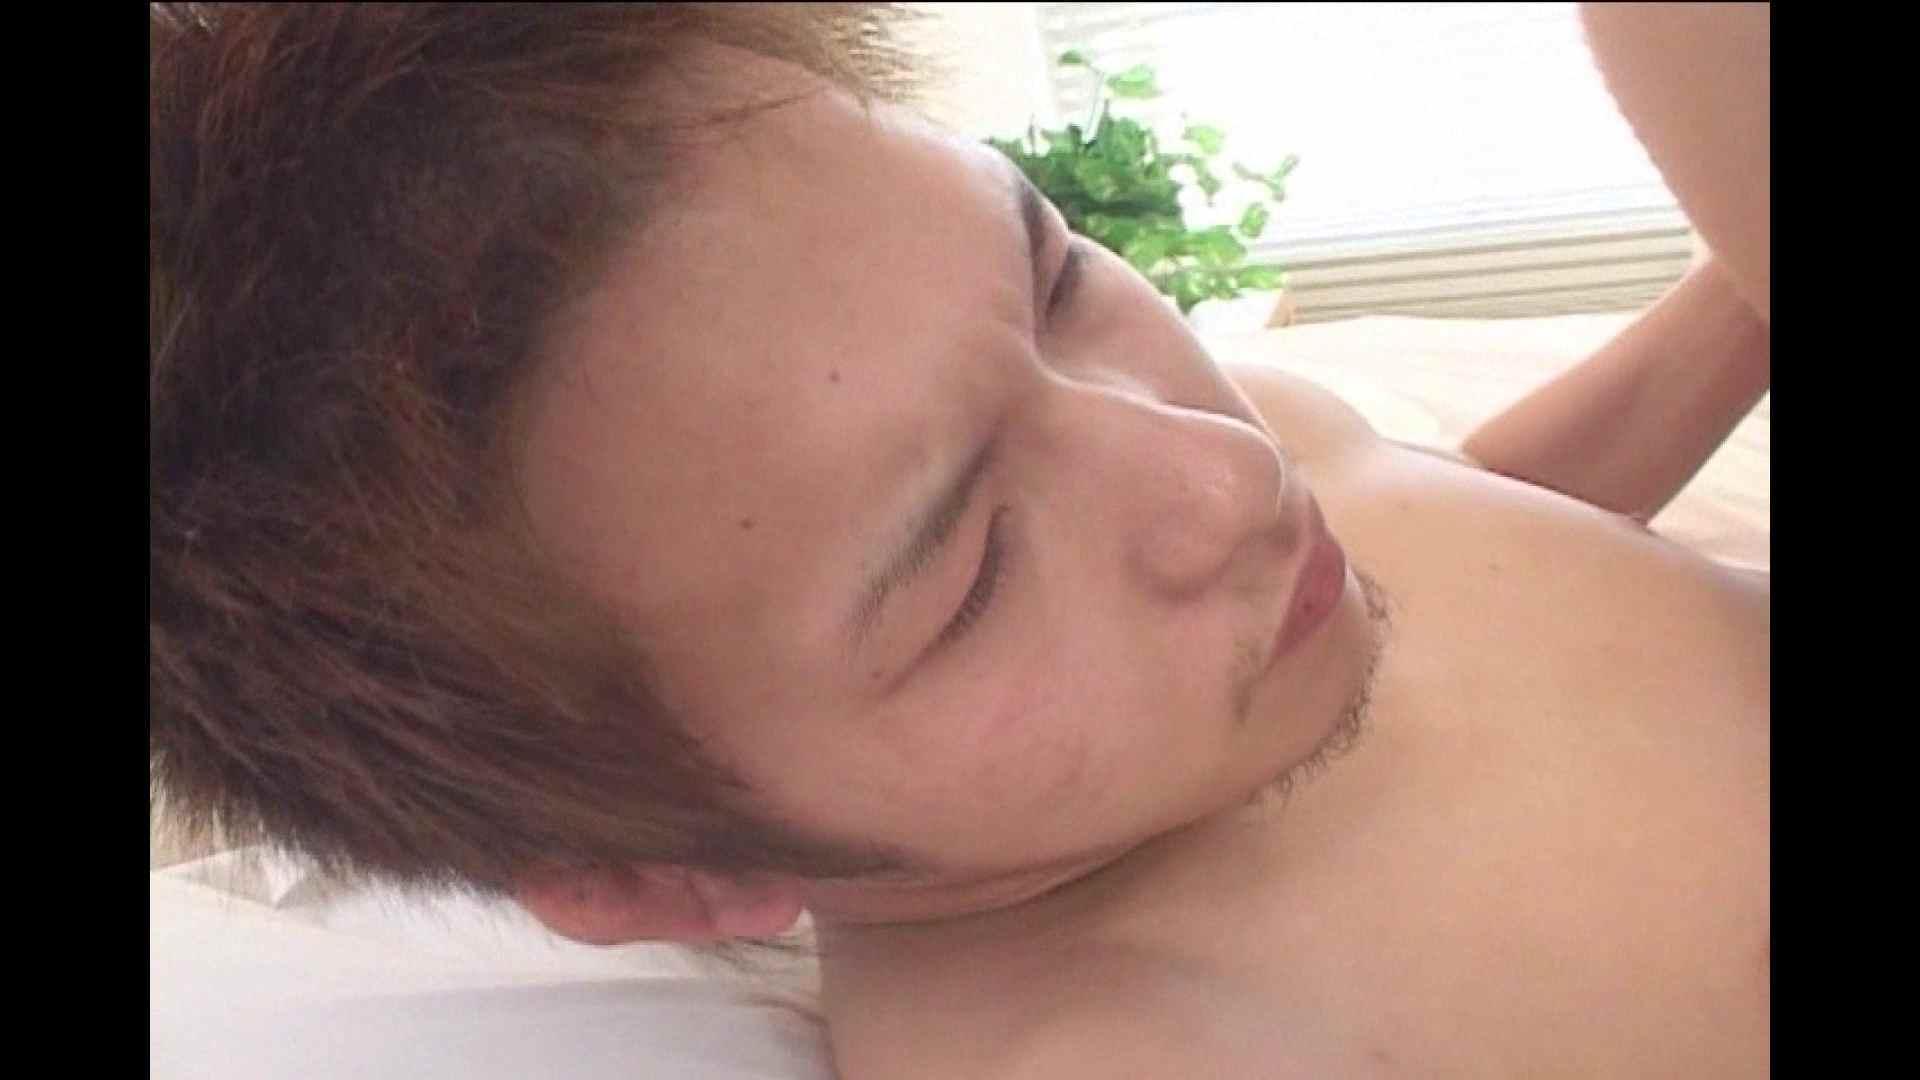 ヤリヤリ野郎共倶楽部vol.21後編 男天国 | エロ  96pic 51